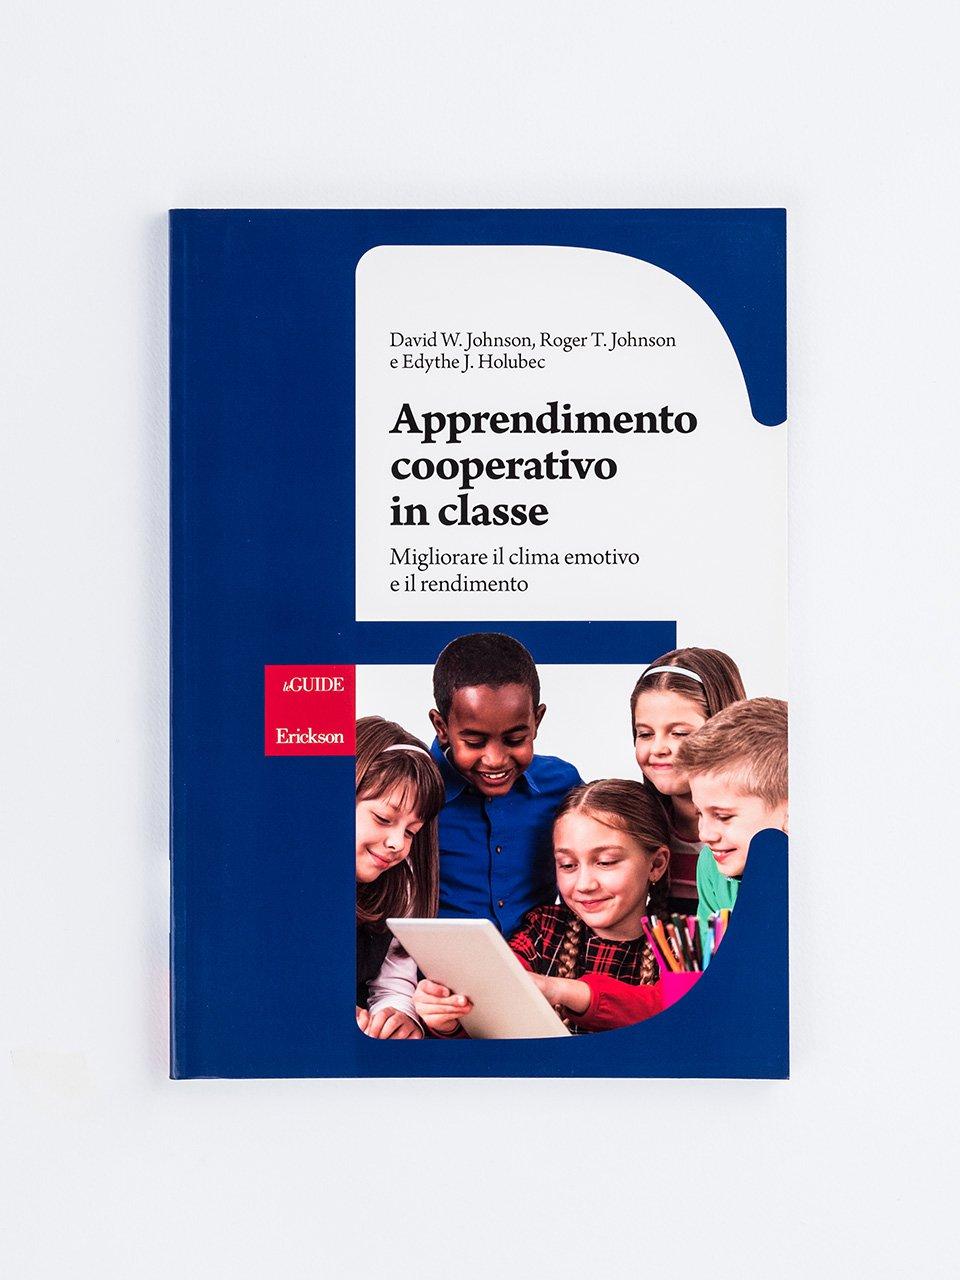 Apprendimento cooperativo in classe - Organizzare i gruppi cooperativi - Libri - Erickson